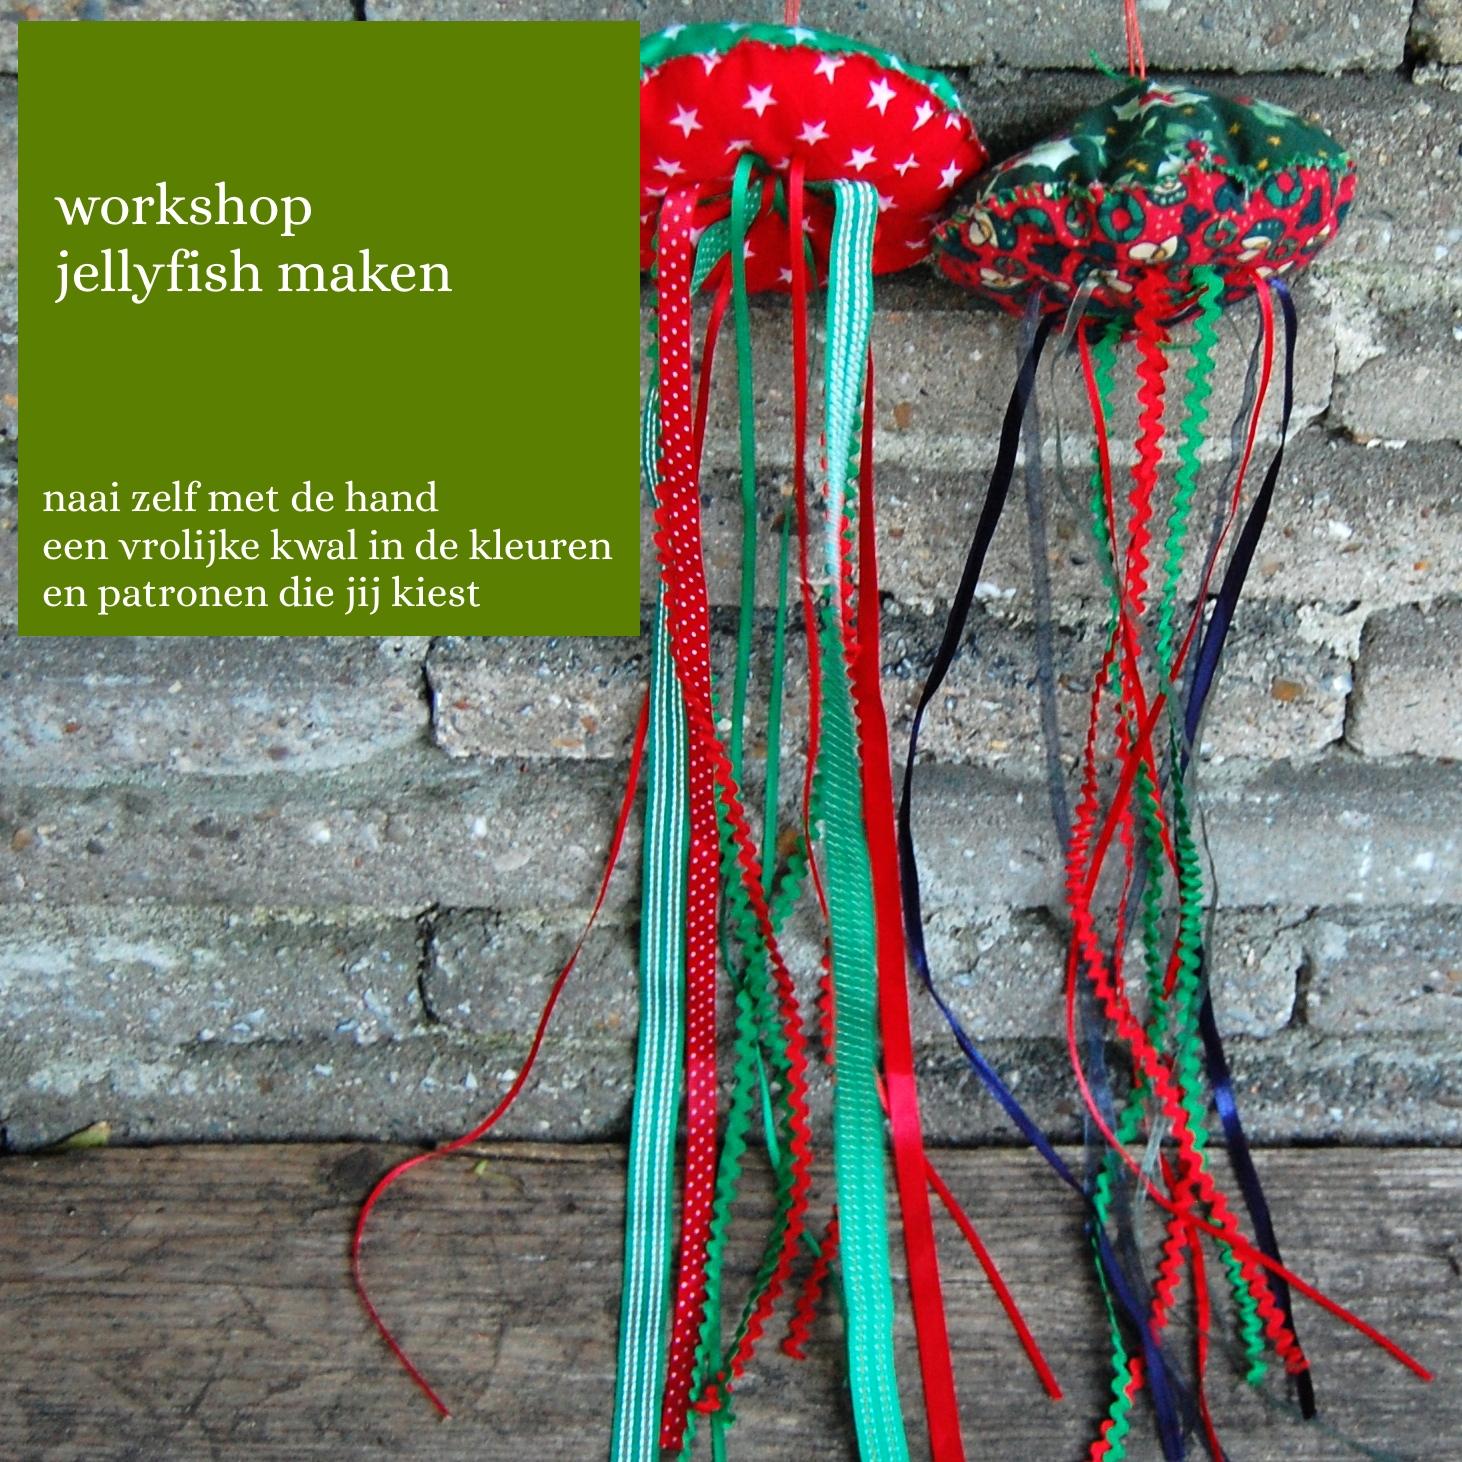 button voor workshop jellyfish maken